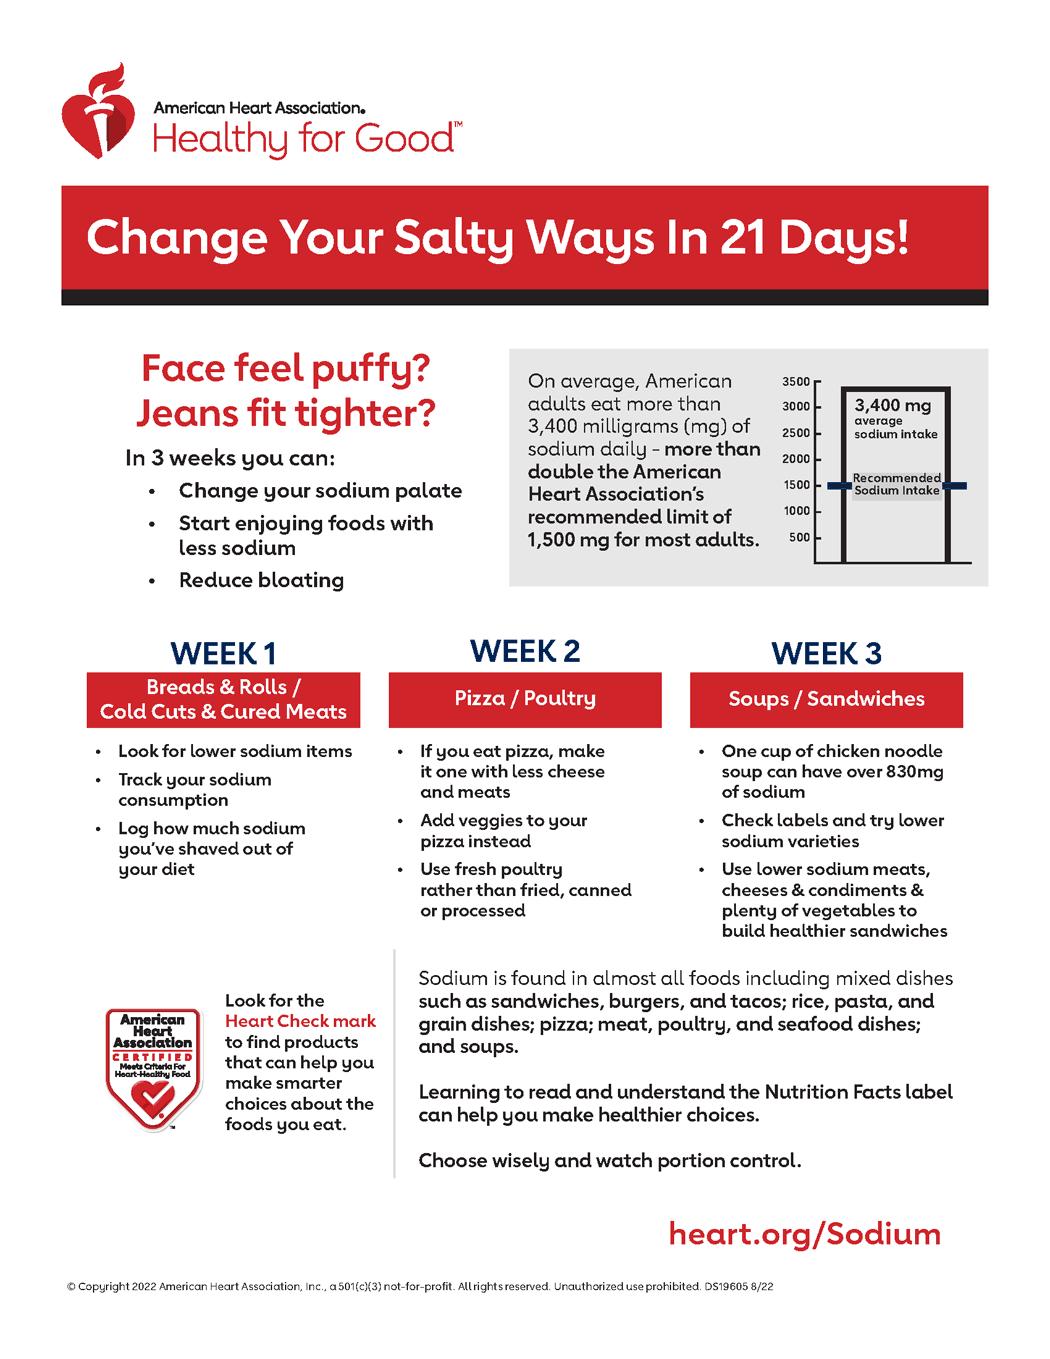 Infografía de Intercambio de sodio: cambie sus hábitos de consumo de sodio en 21 días